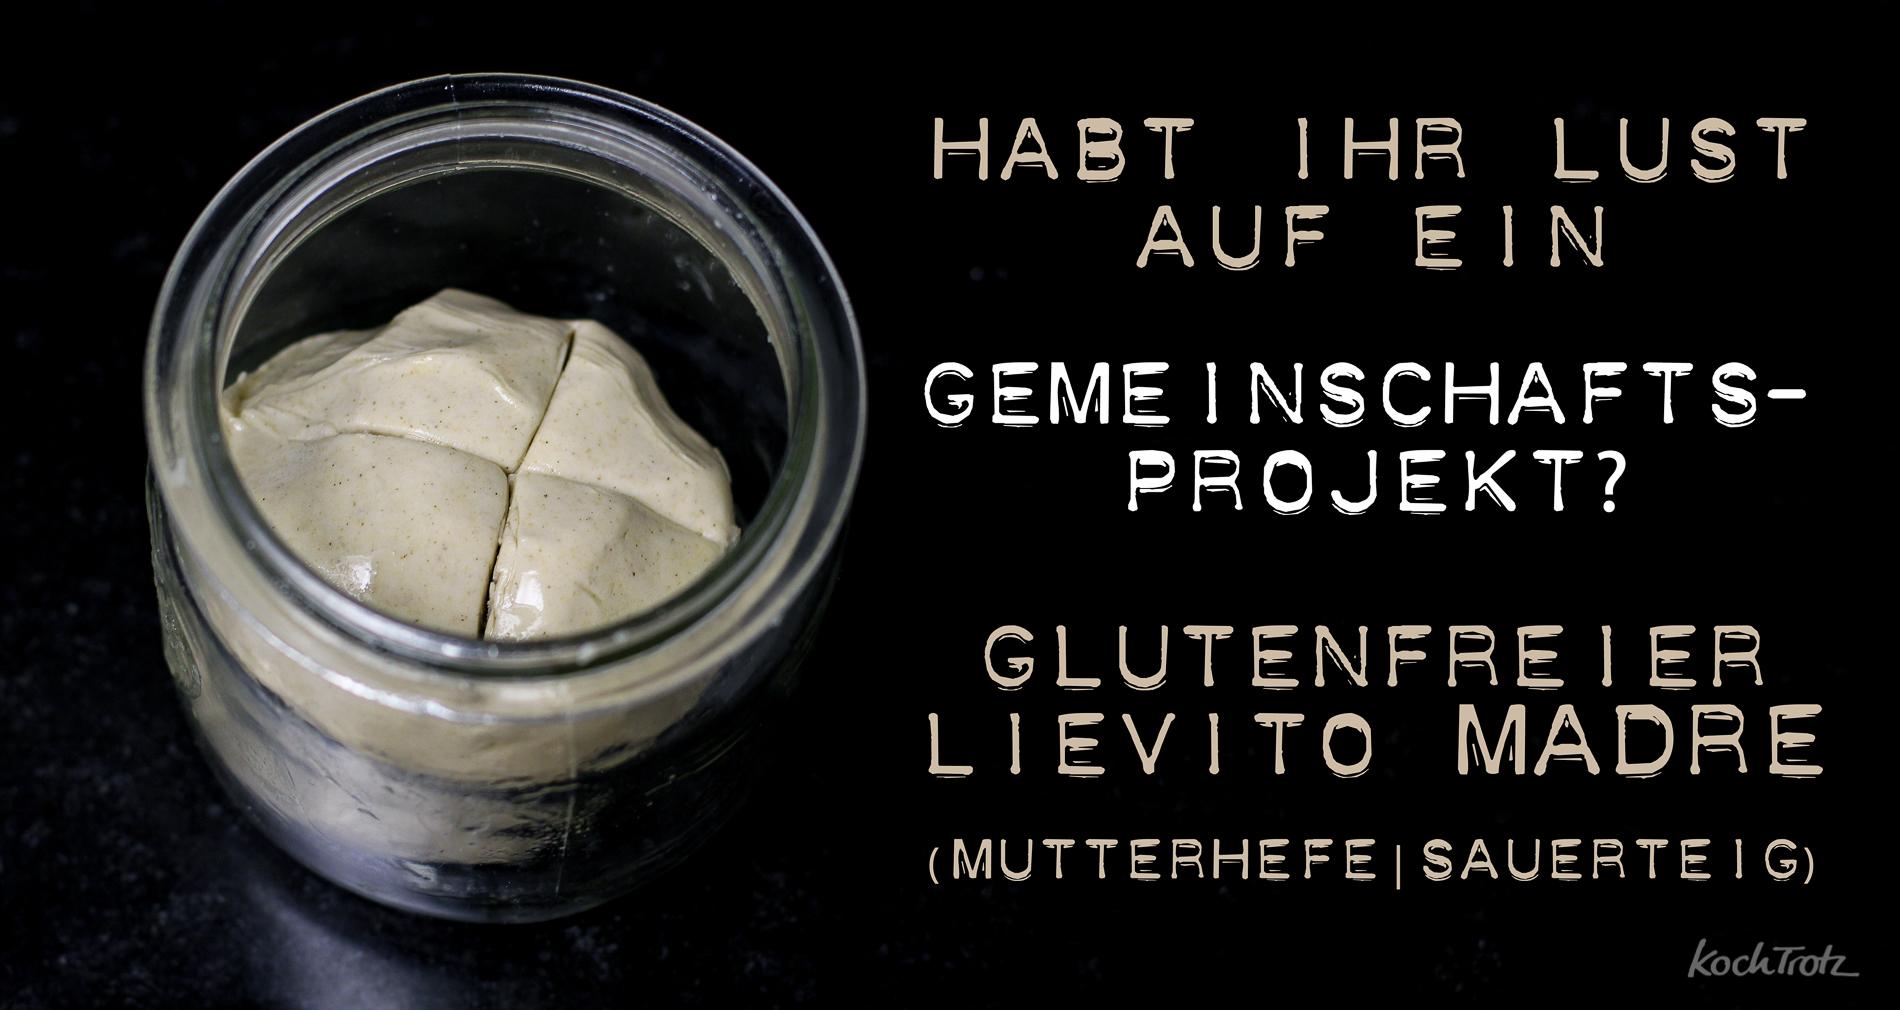 lievito-madre-glutenfrei-gemeinschaftsprojekt-1